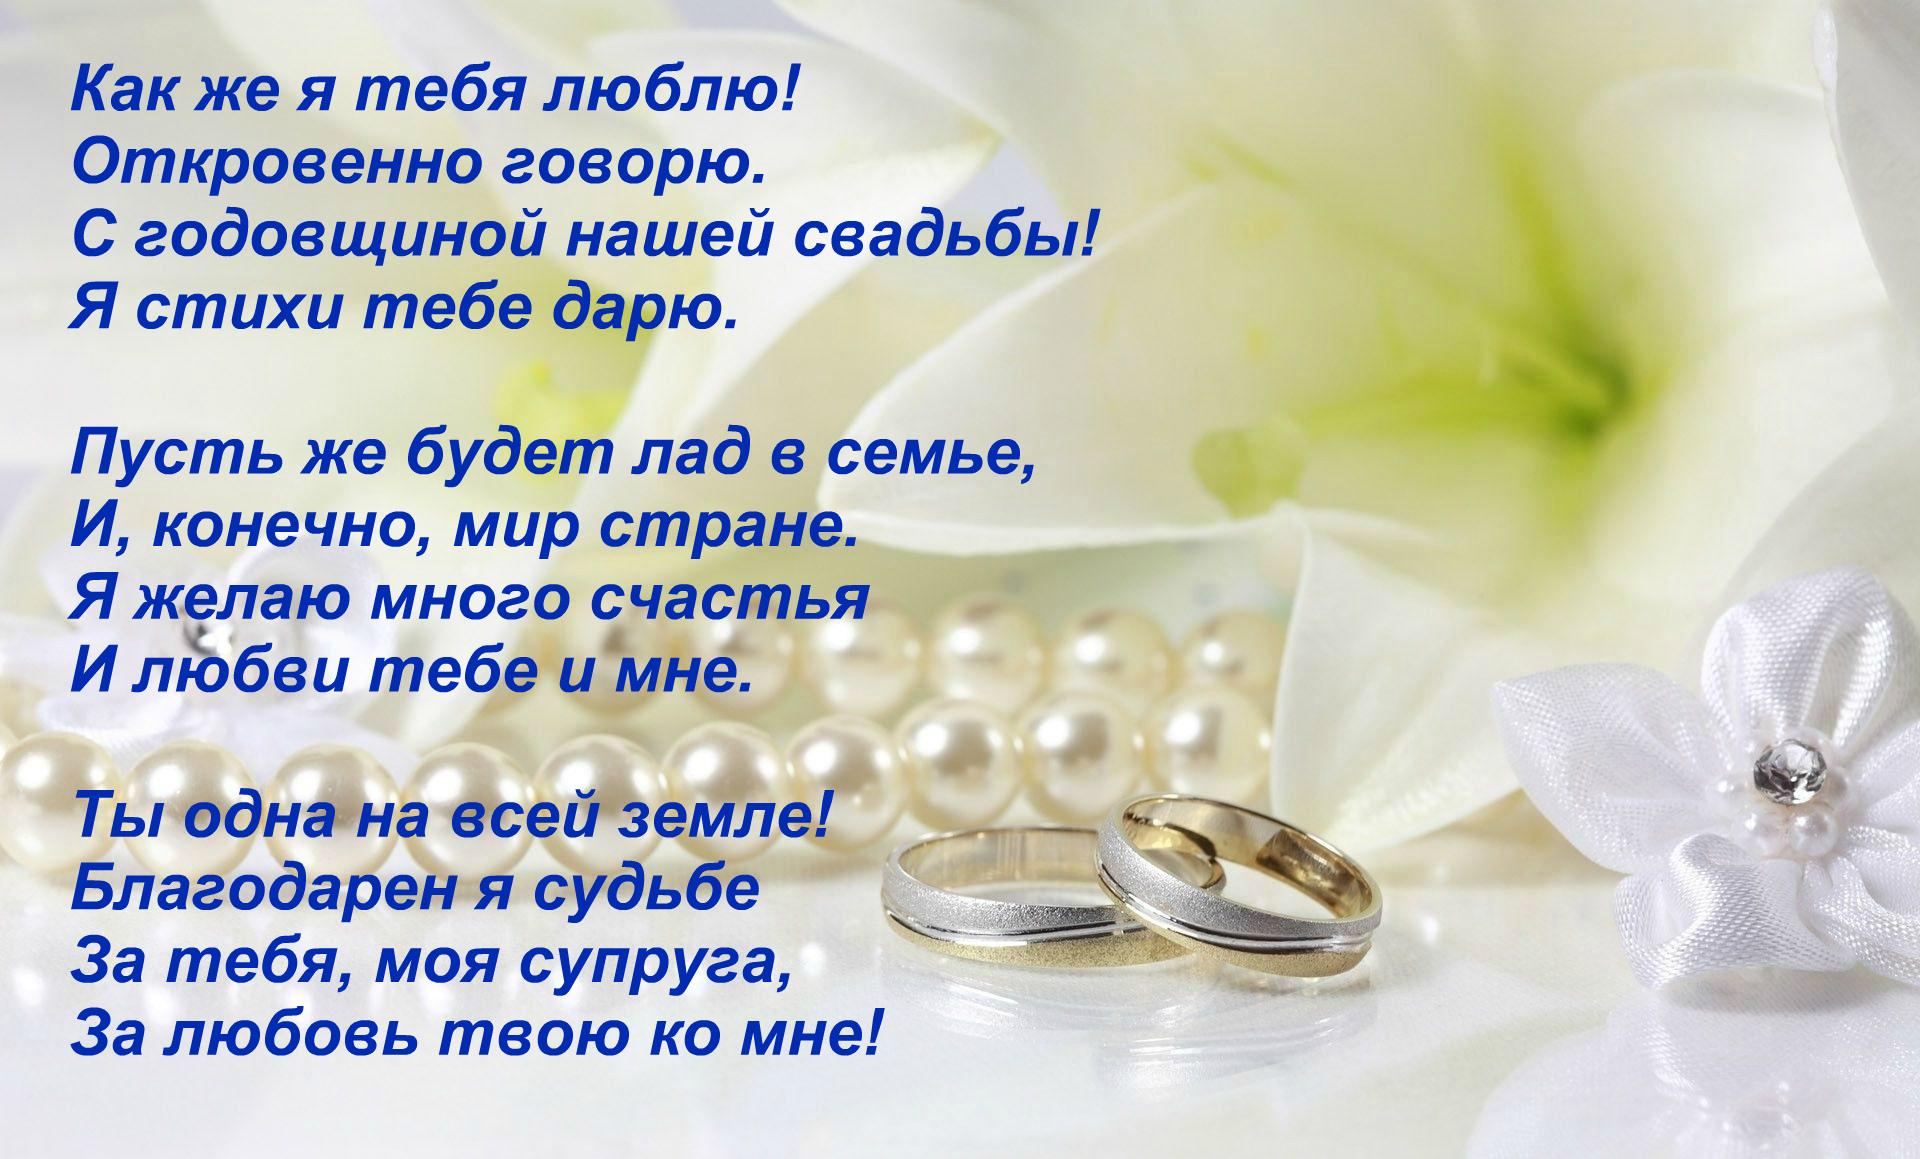 Поздравления мужу с годовщиной свадьбы после ссоры сюда проще